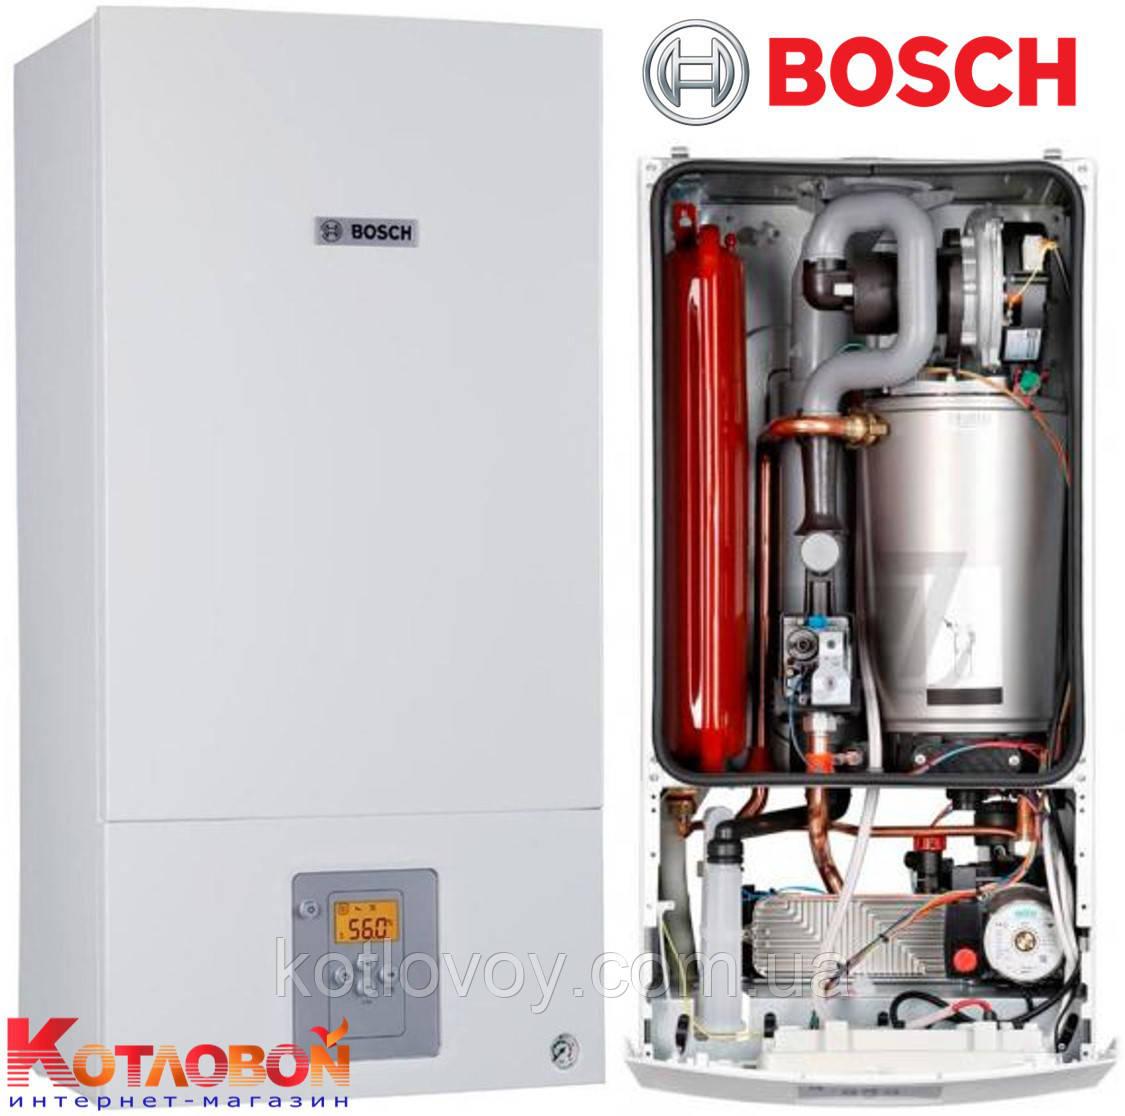 Конденсационный двухконтурный котел Bosch Condens 2500 W WBC 28-1 DC